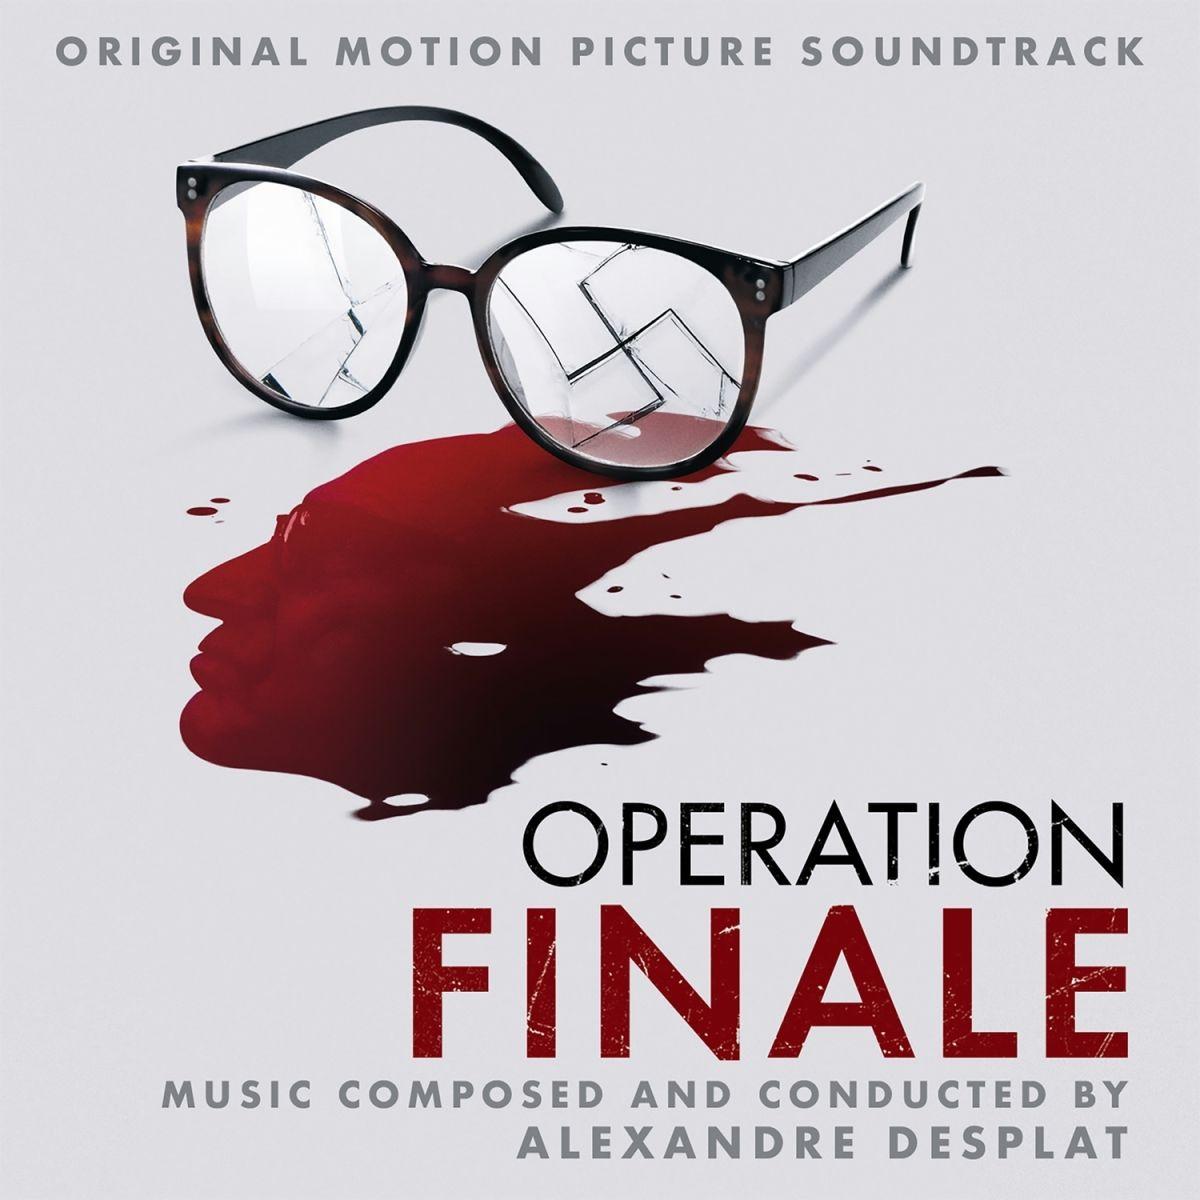 Soundtrack / Alexandre Desplat - Operation Finale - hitparade.ch